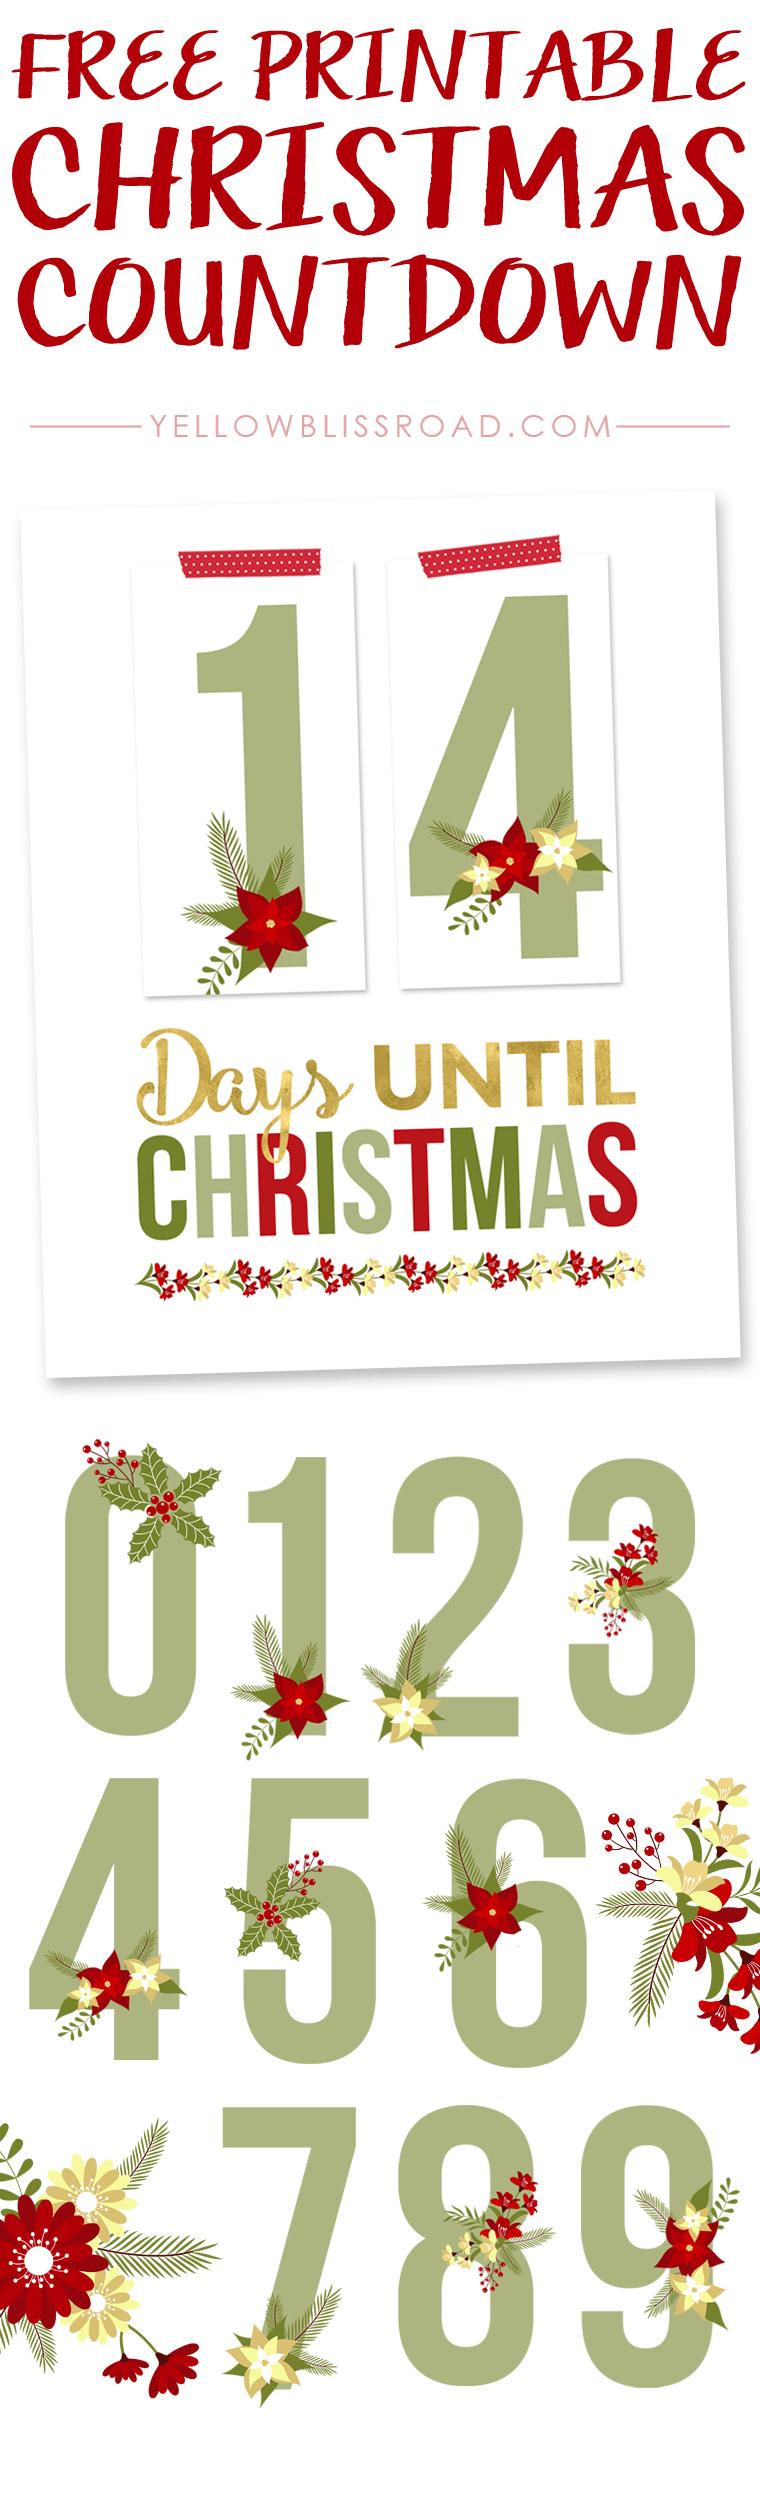 Free Printable Christmas Countdown Free Christmas